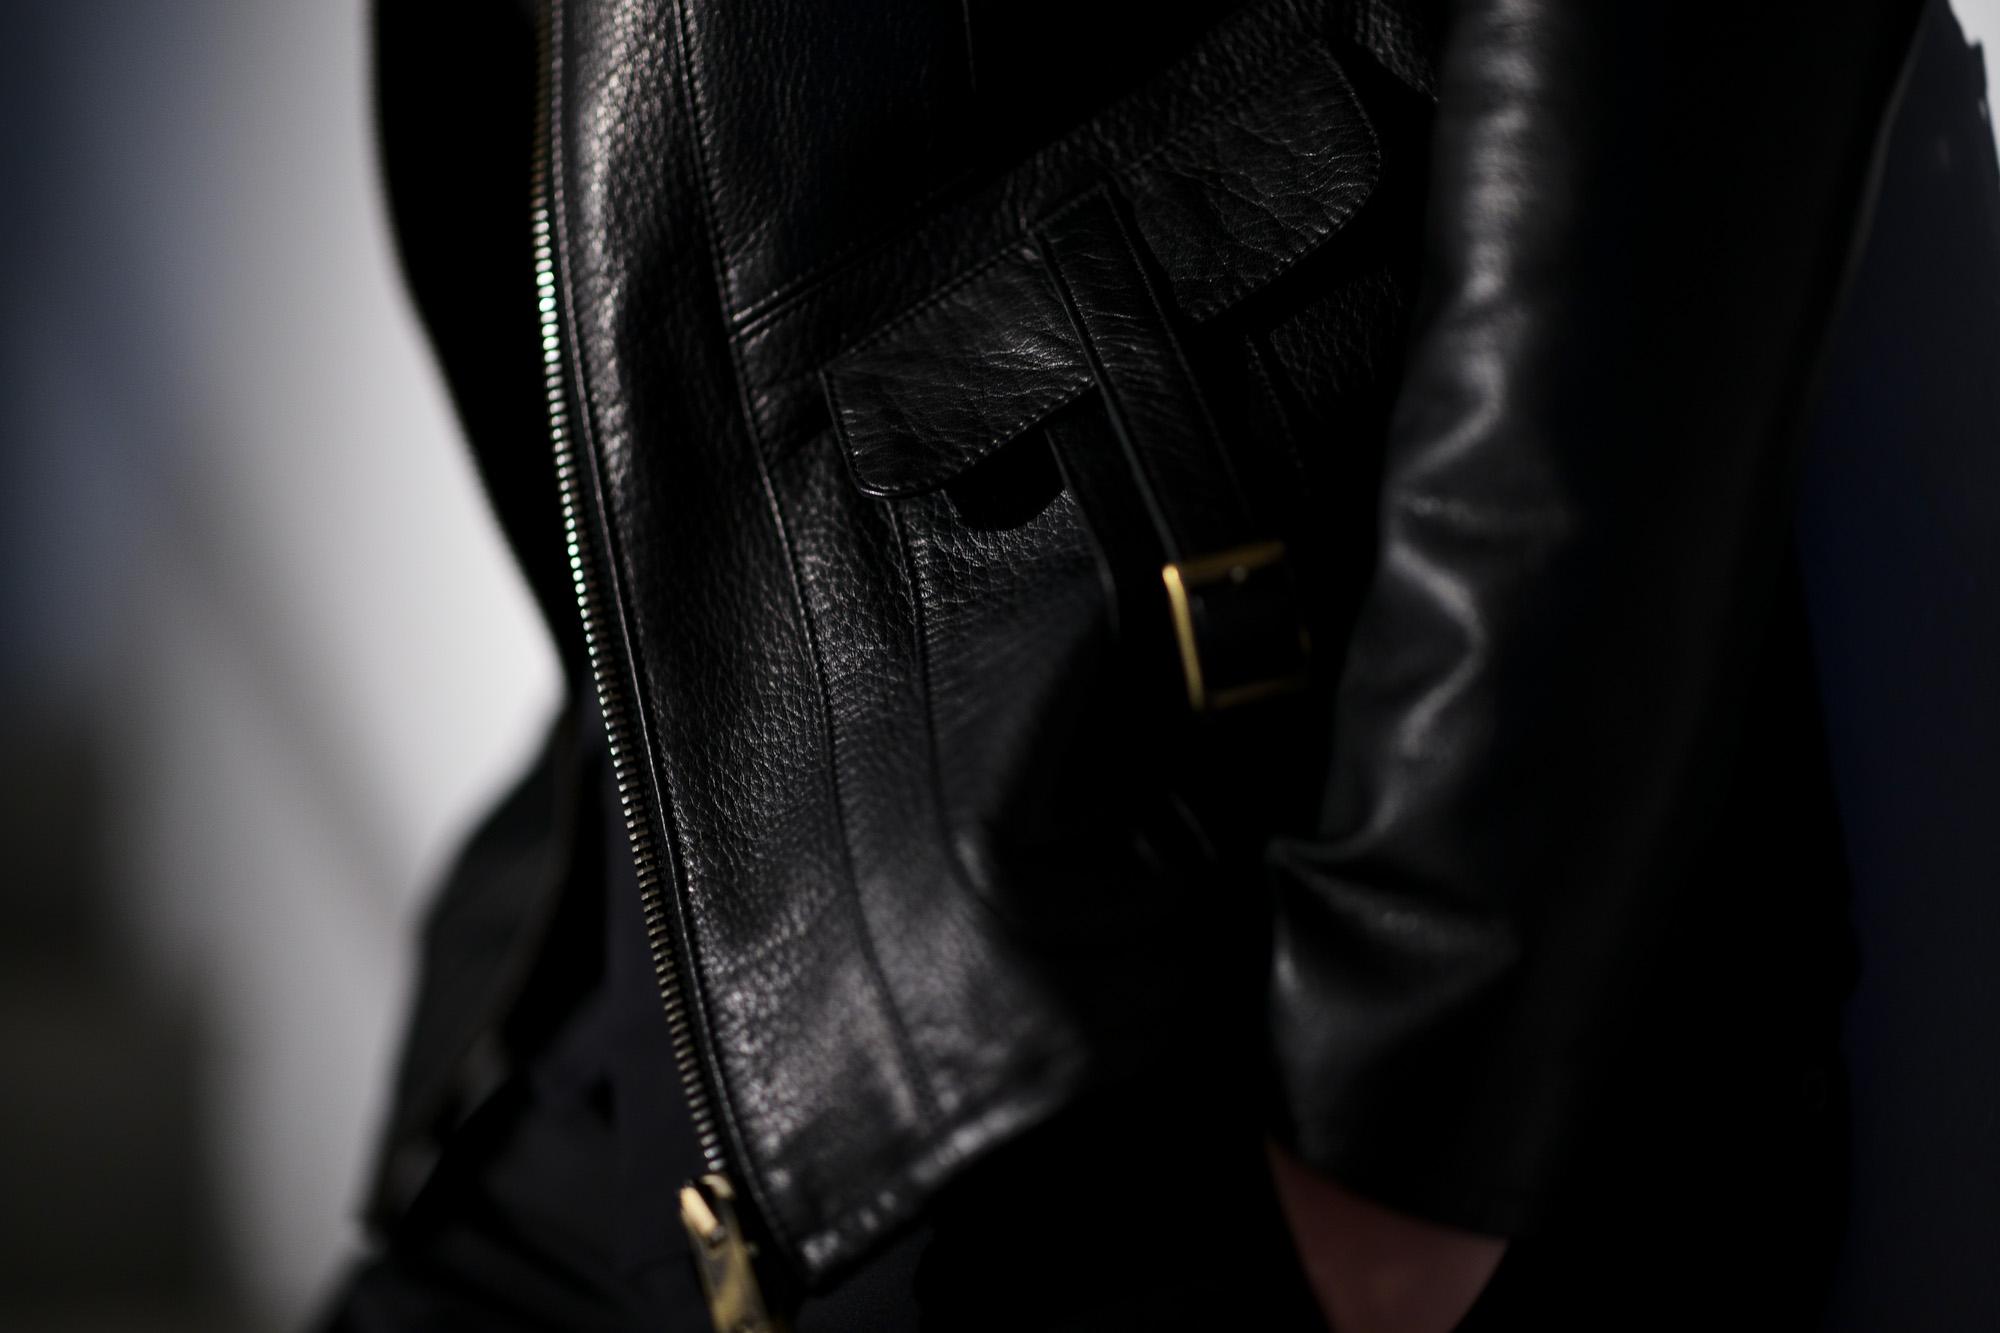 Cuervo (クエルボ) Satisfaction Leather Collection (サティスファクション レザー コレクション) East West(イーストウエスト)  SMOKE(スモーク) BUFFALO LEATHER (バッファロー レザー) レザージャケット BLACK(ブラック) MADE IN JAPAN (日本製) 2019 春夏新作  【ご予約受付中】 愛知 名古屋 altoediritto アルトエデリット 洋服屋 レザージャケット サウスパラディソ eastwest